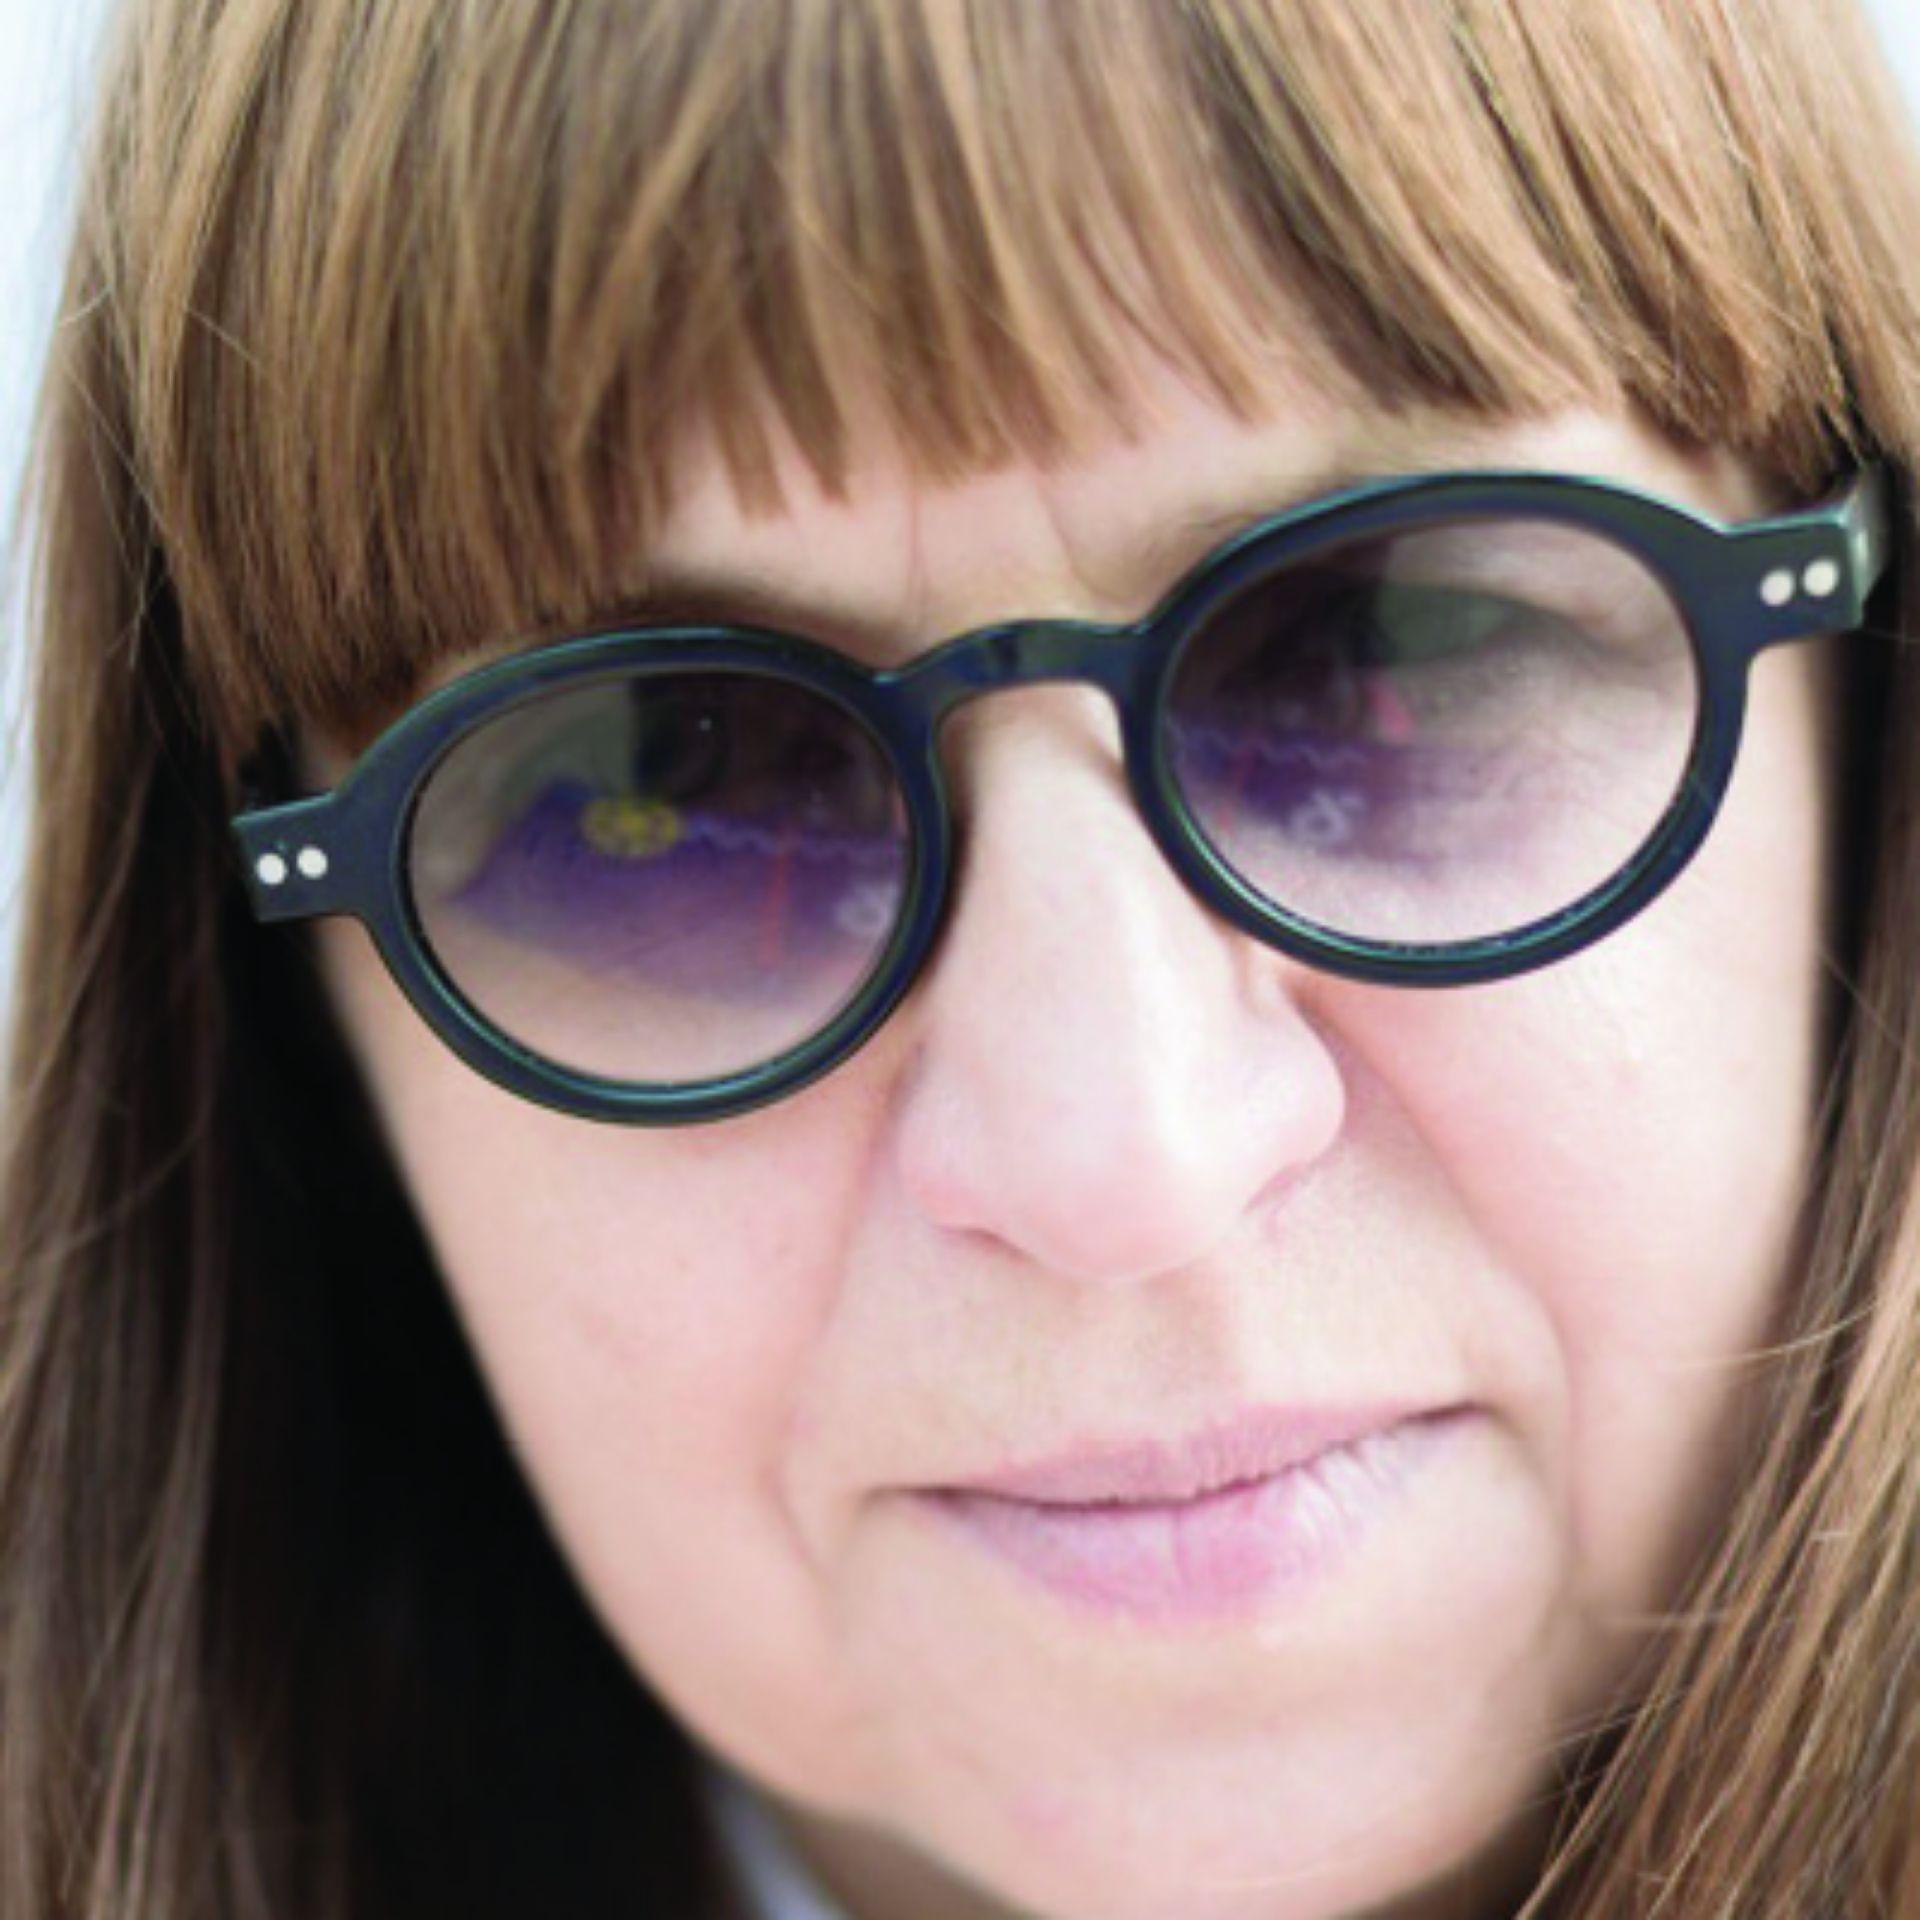 Zbliżenie na twarz kobiety w okularach i okrągłych, plastikowych, dość grubych oprawkach. Równo przycięta  grzywka opadająca na czoło. Włosy proste, ciemny blond.